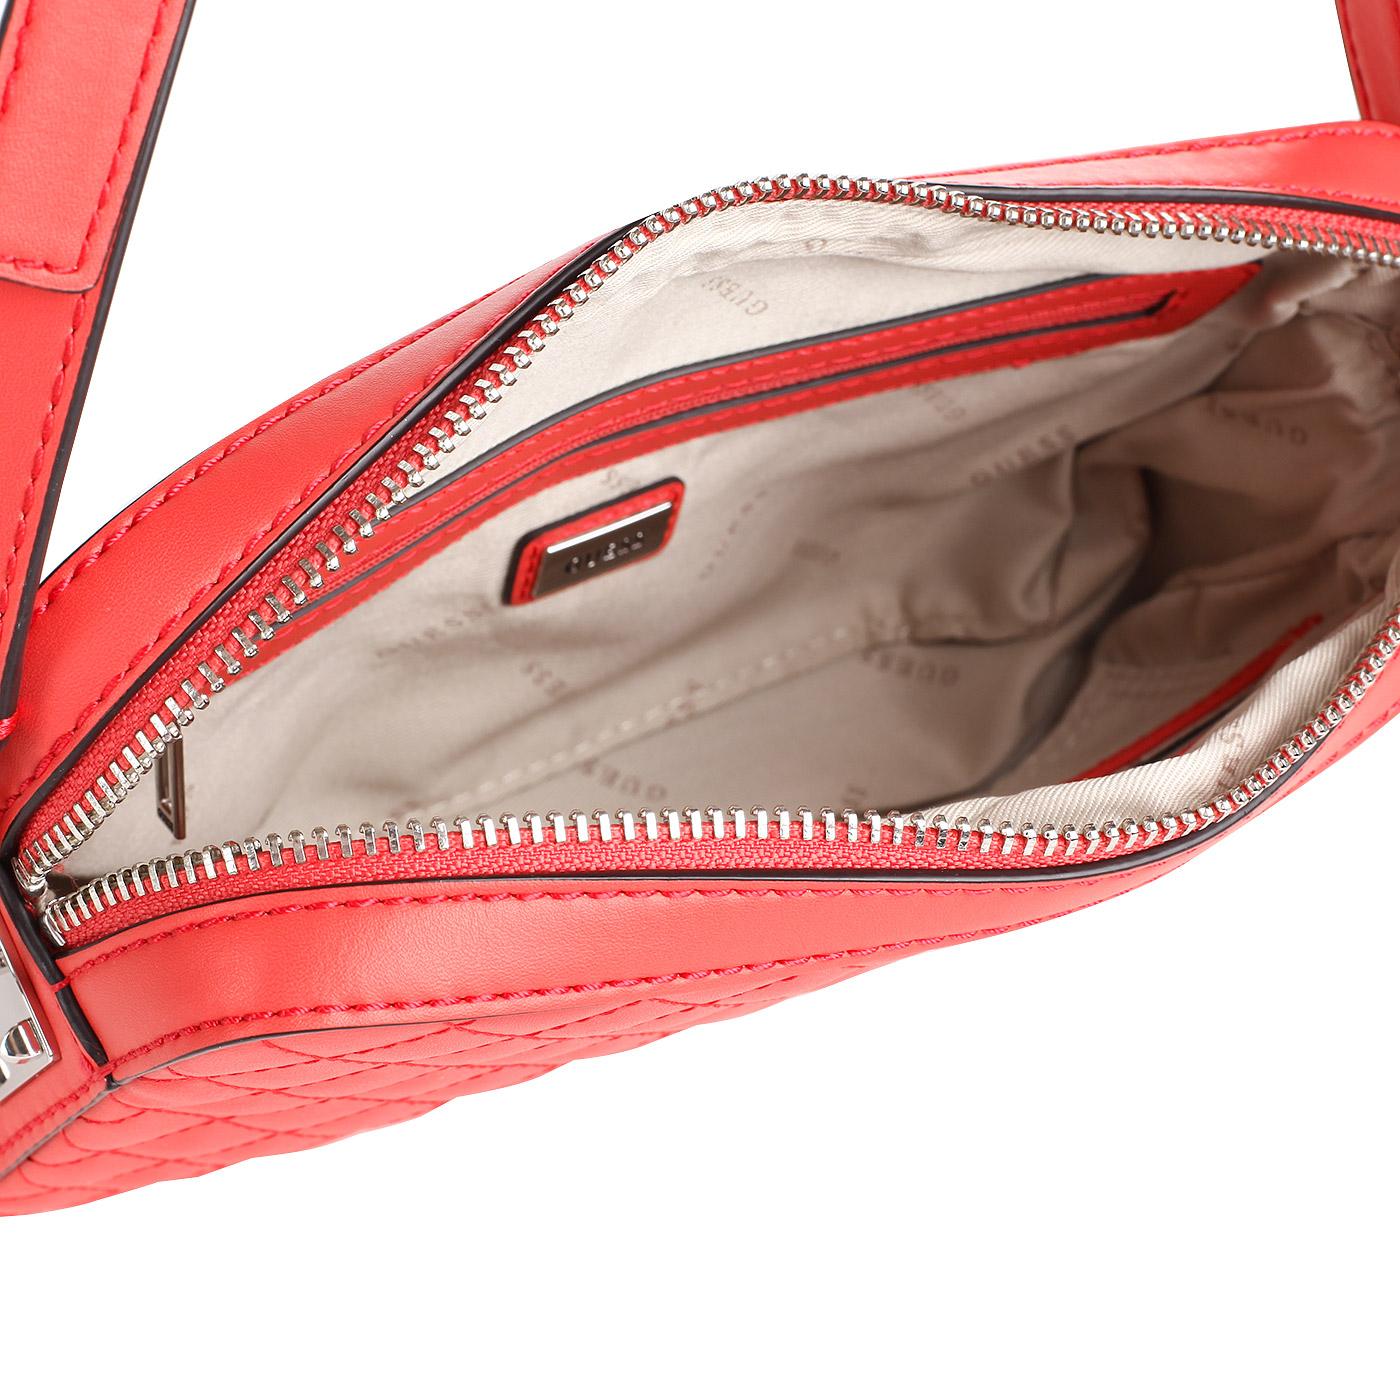 d0945ea89a94 Маленькая стеганая сумочка цвета фуксии Guess Rochelle HWVY66 ...